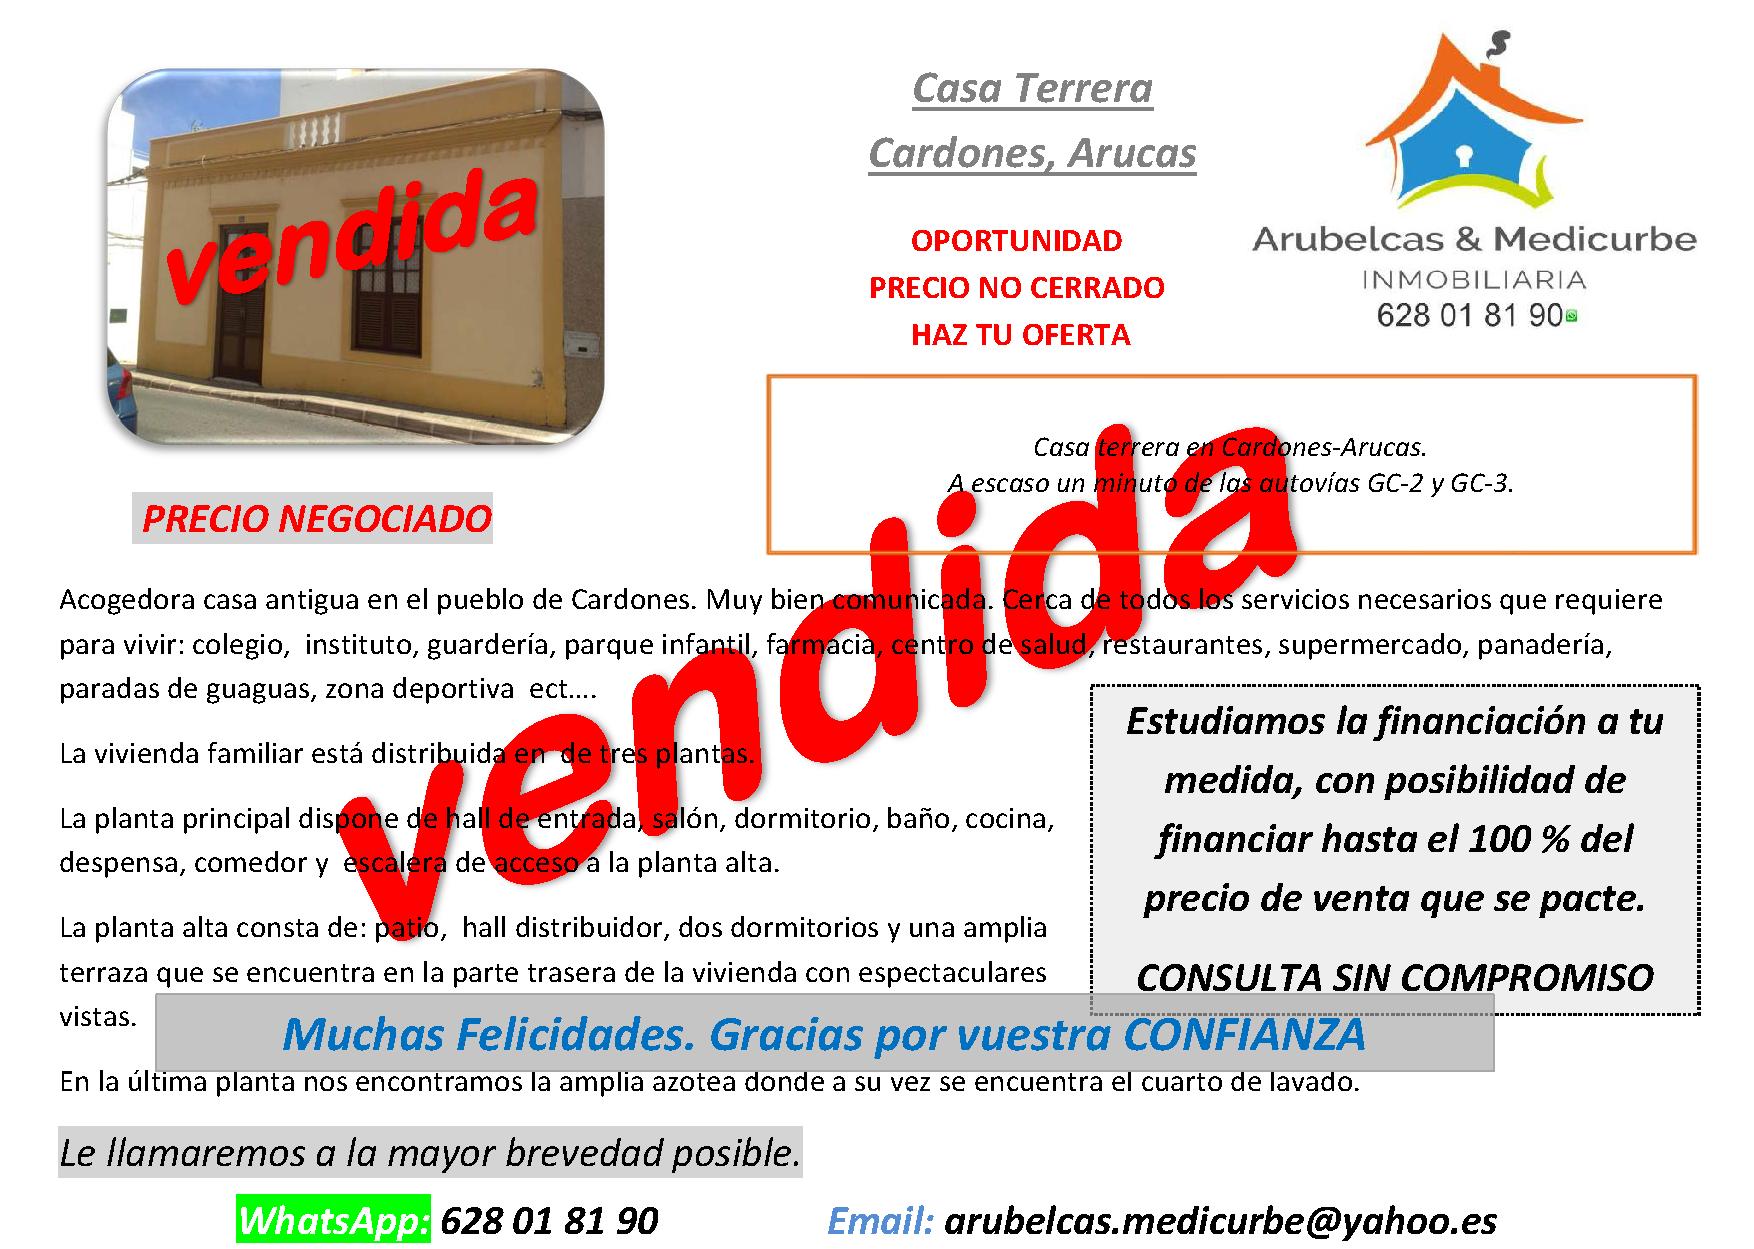 VENDIDA CASA TERRERA EN CARDONES-ARUCAS